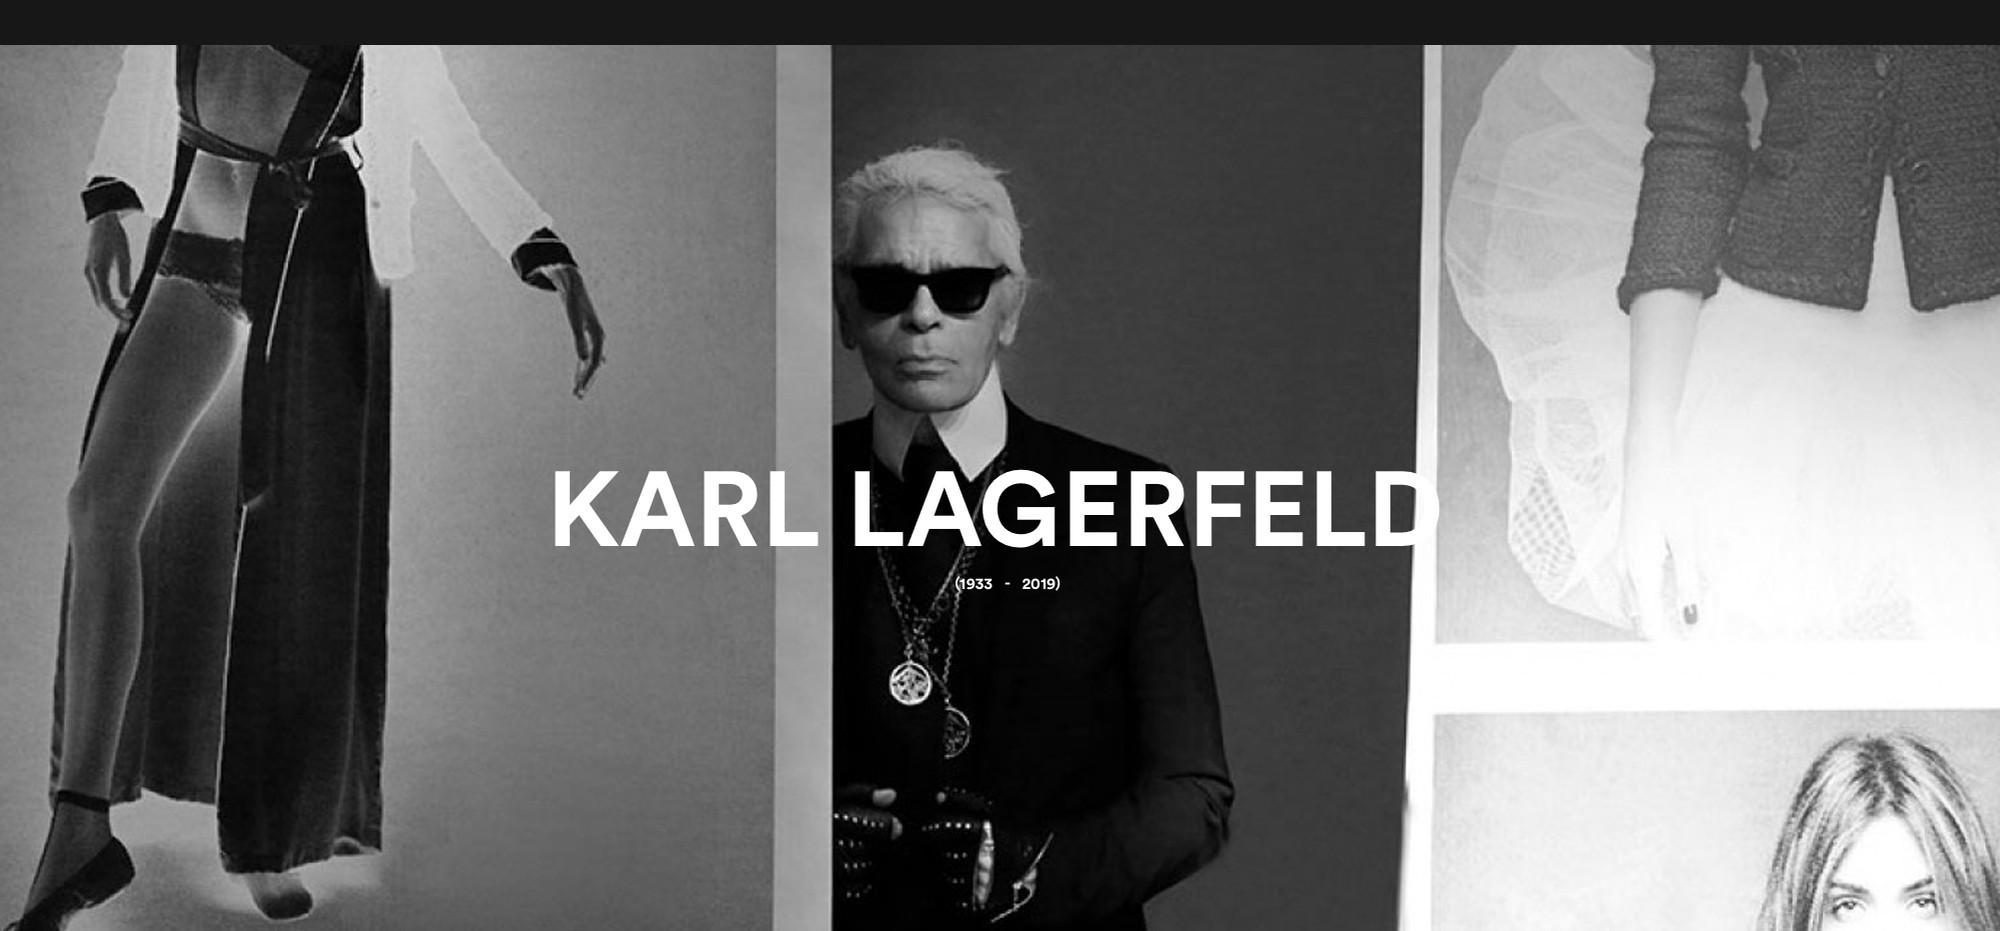 Karl Lagerfeld: 85 năm cuộc đời chỉ gắn liền với hai chữ, vài người đàn ông và một chú mèo - Ảnh 17.